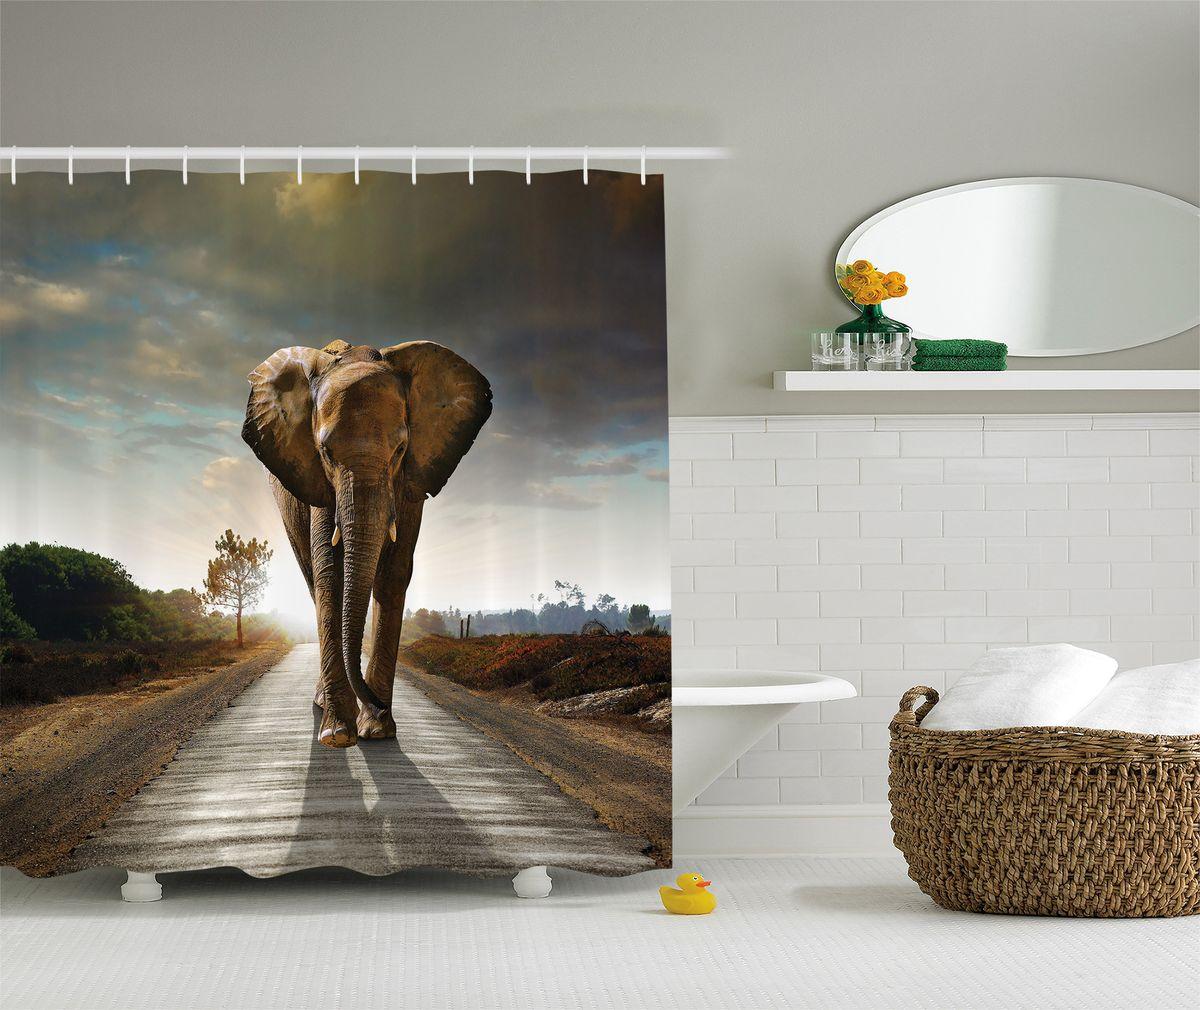 """Штора Magic Lady """"Слон на пустынной дороге"""", изготовленная из высококачественного сатена (полиэстер 100%), отлично дополнит любой интерьер ванной комнаты. При изготовлении используются специальные гипоаллергенные чернила для прямой печати по ткани, безопасные для человека.    В комплекте: 1 штора, 12 крючков. Обращаем ваше внимание, фактический цвет изделия может незначительно отличаться от представленного на фото."""